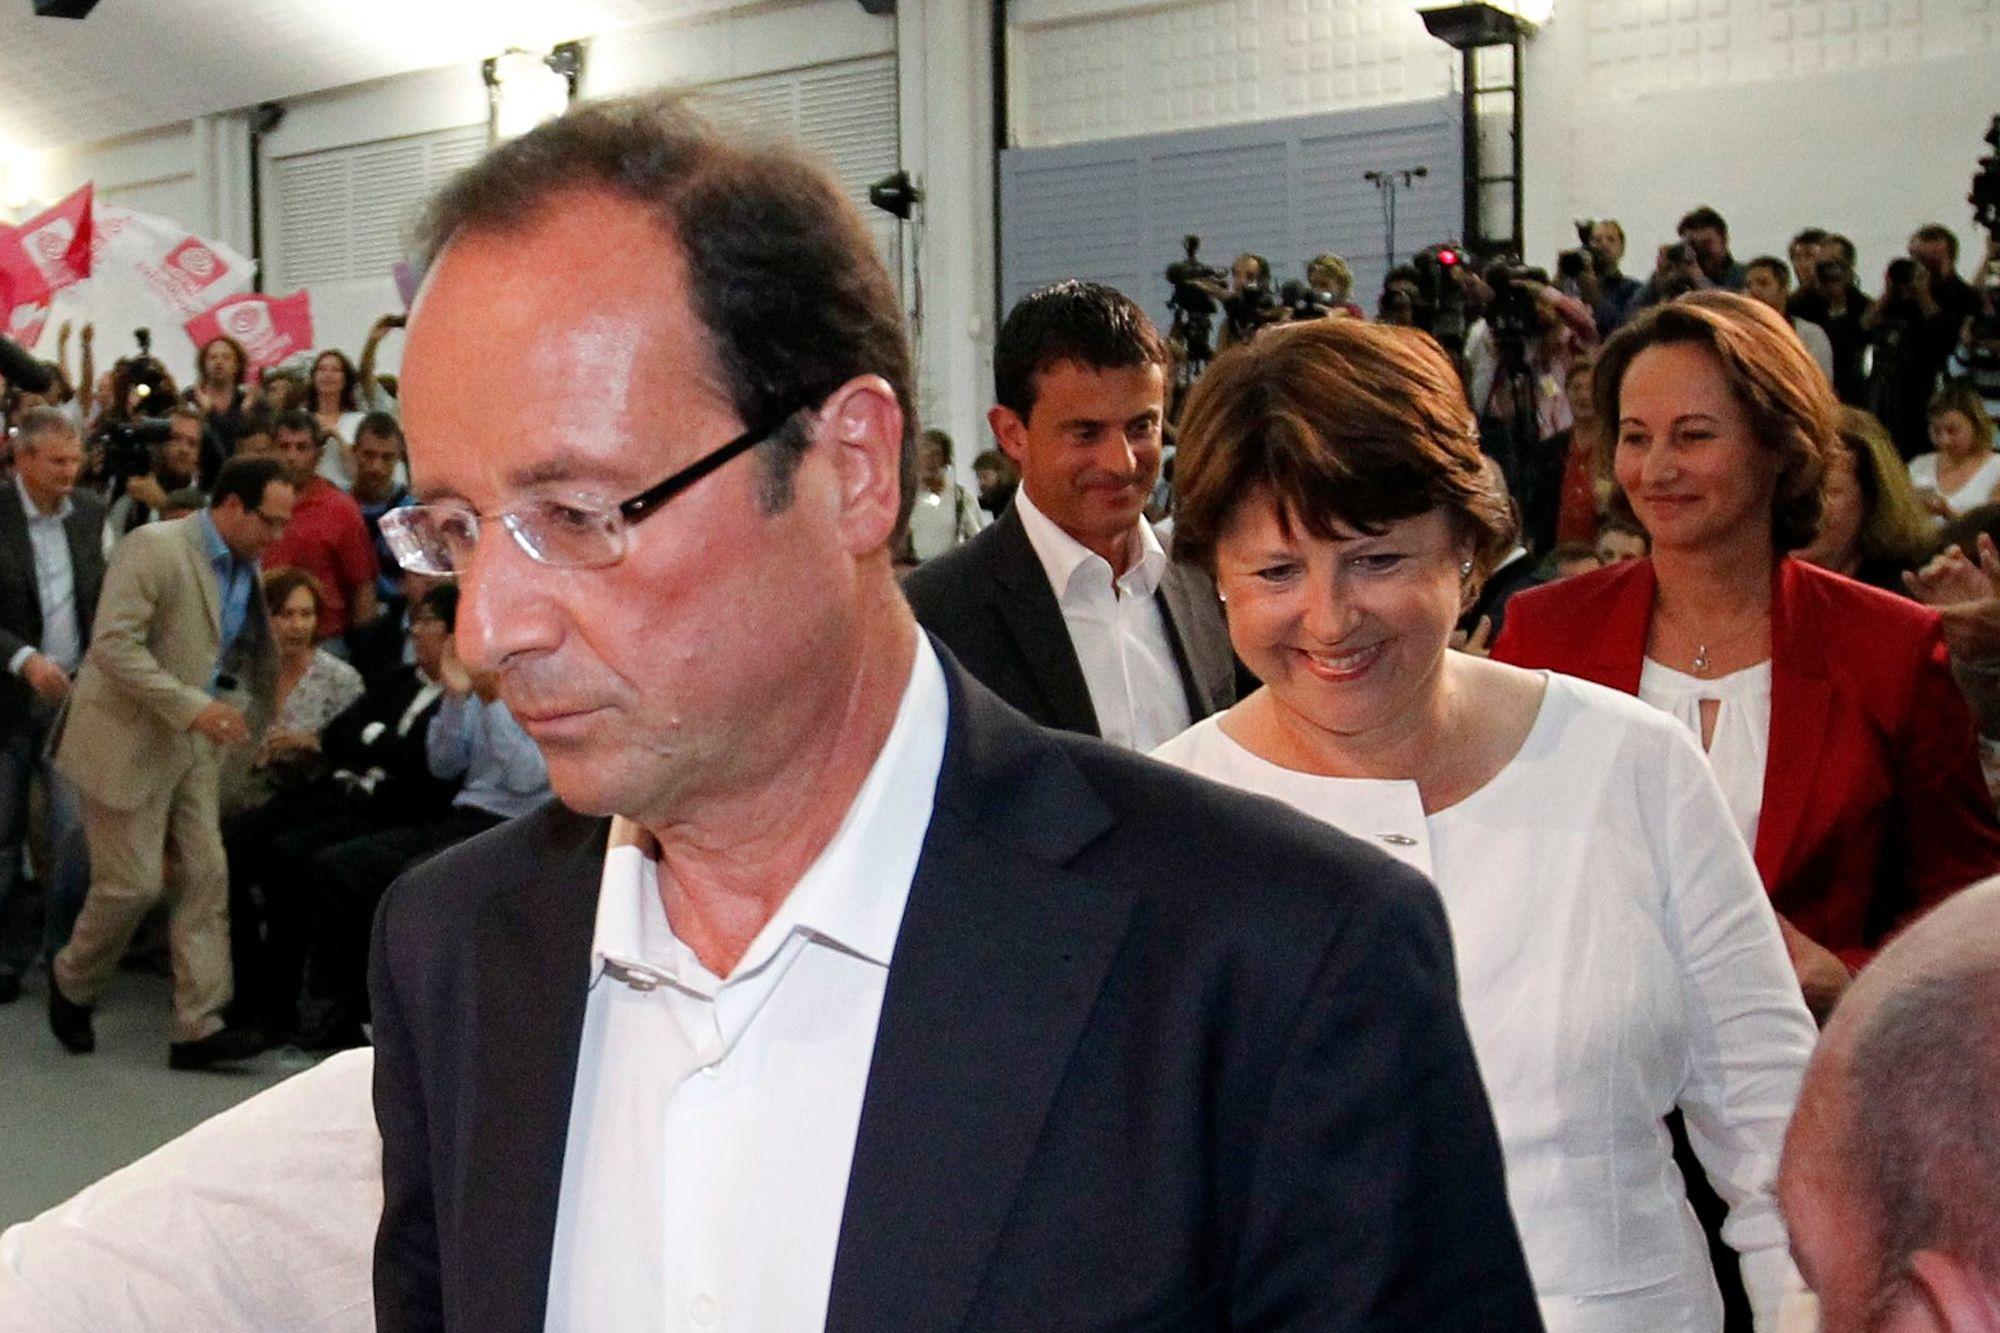 La décision du Conseil d'Etat est un nouveau coup dur pour Hollande, alors que la taxe à 75% était une des mesures phares de son programme